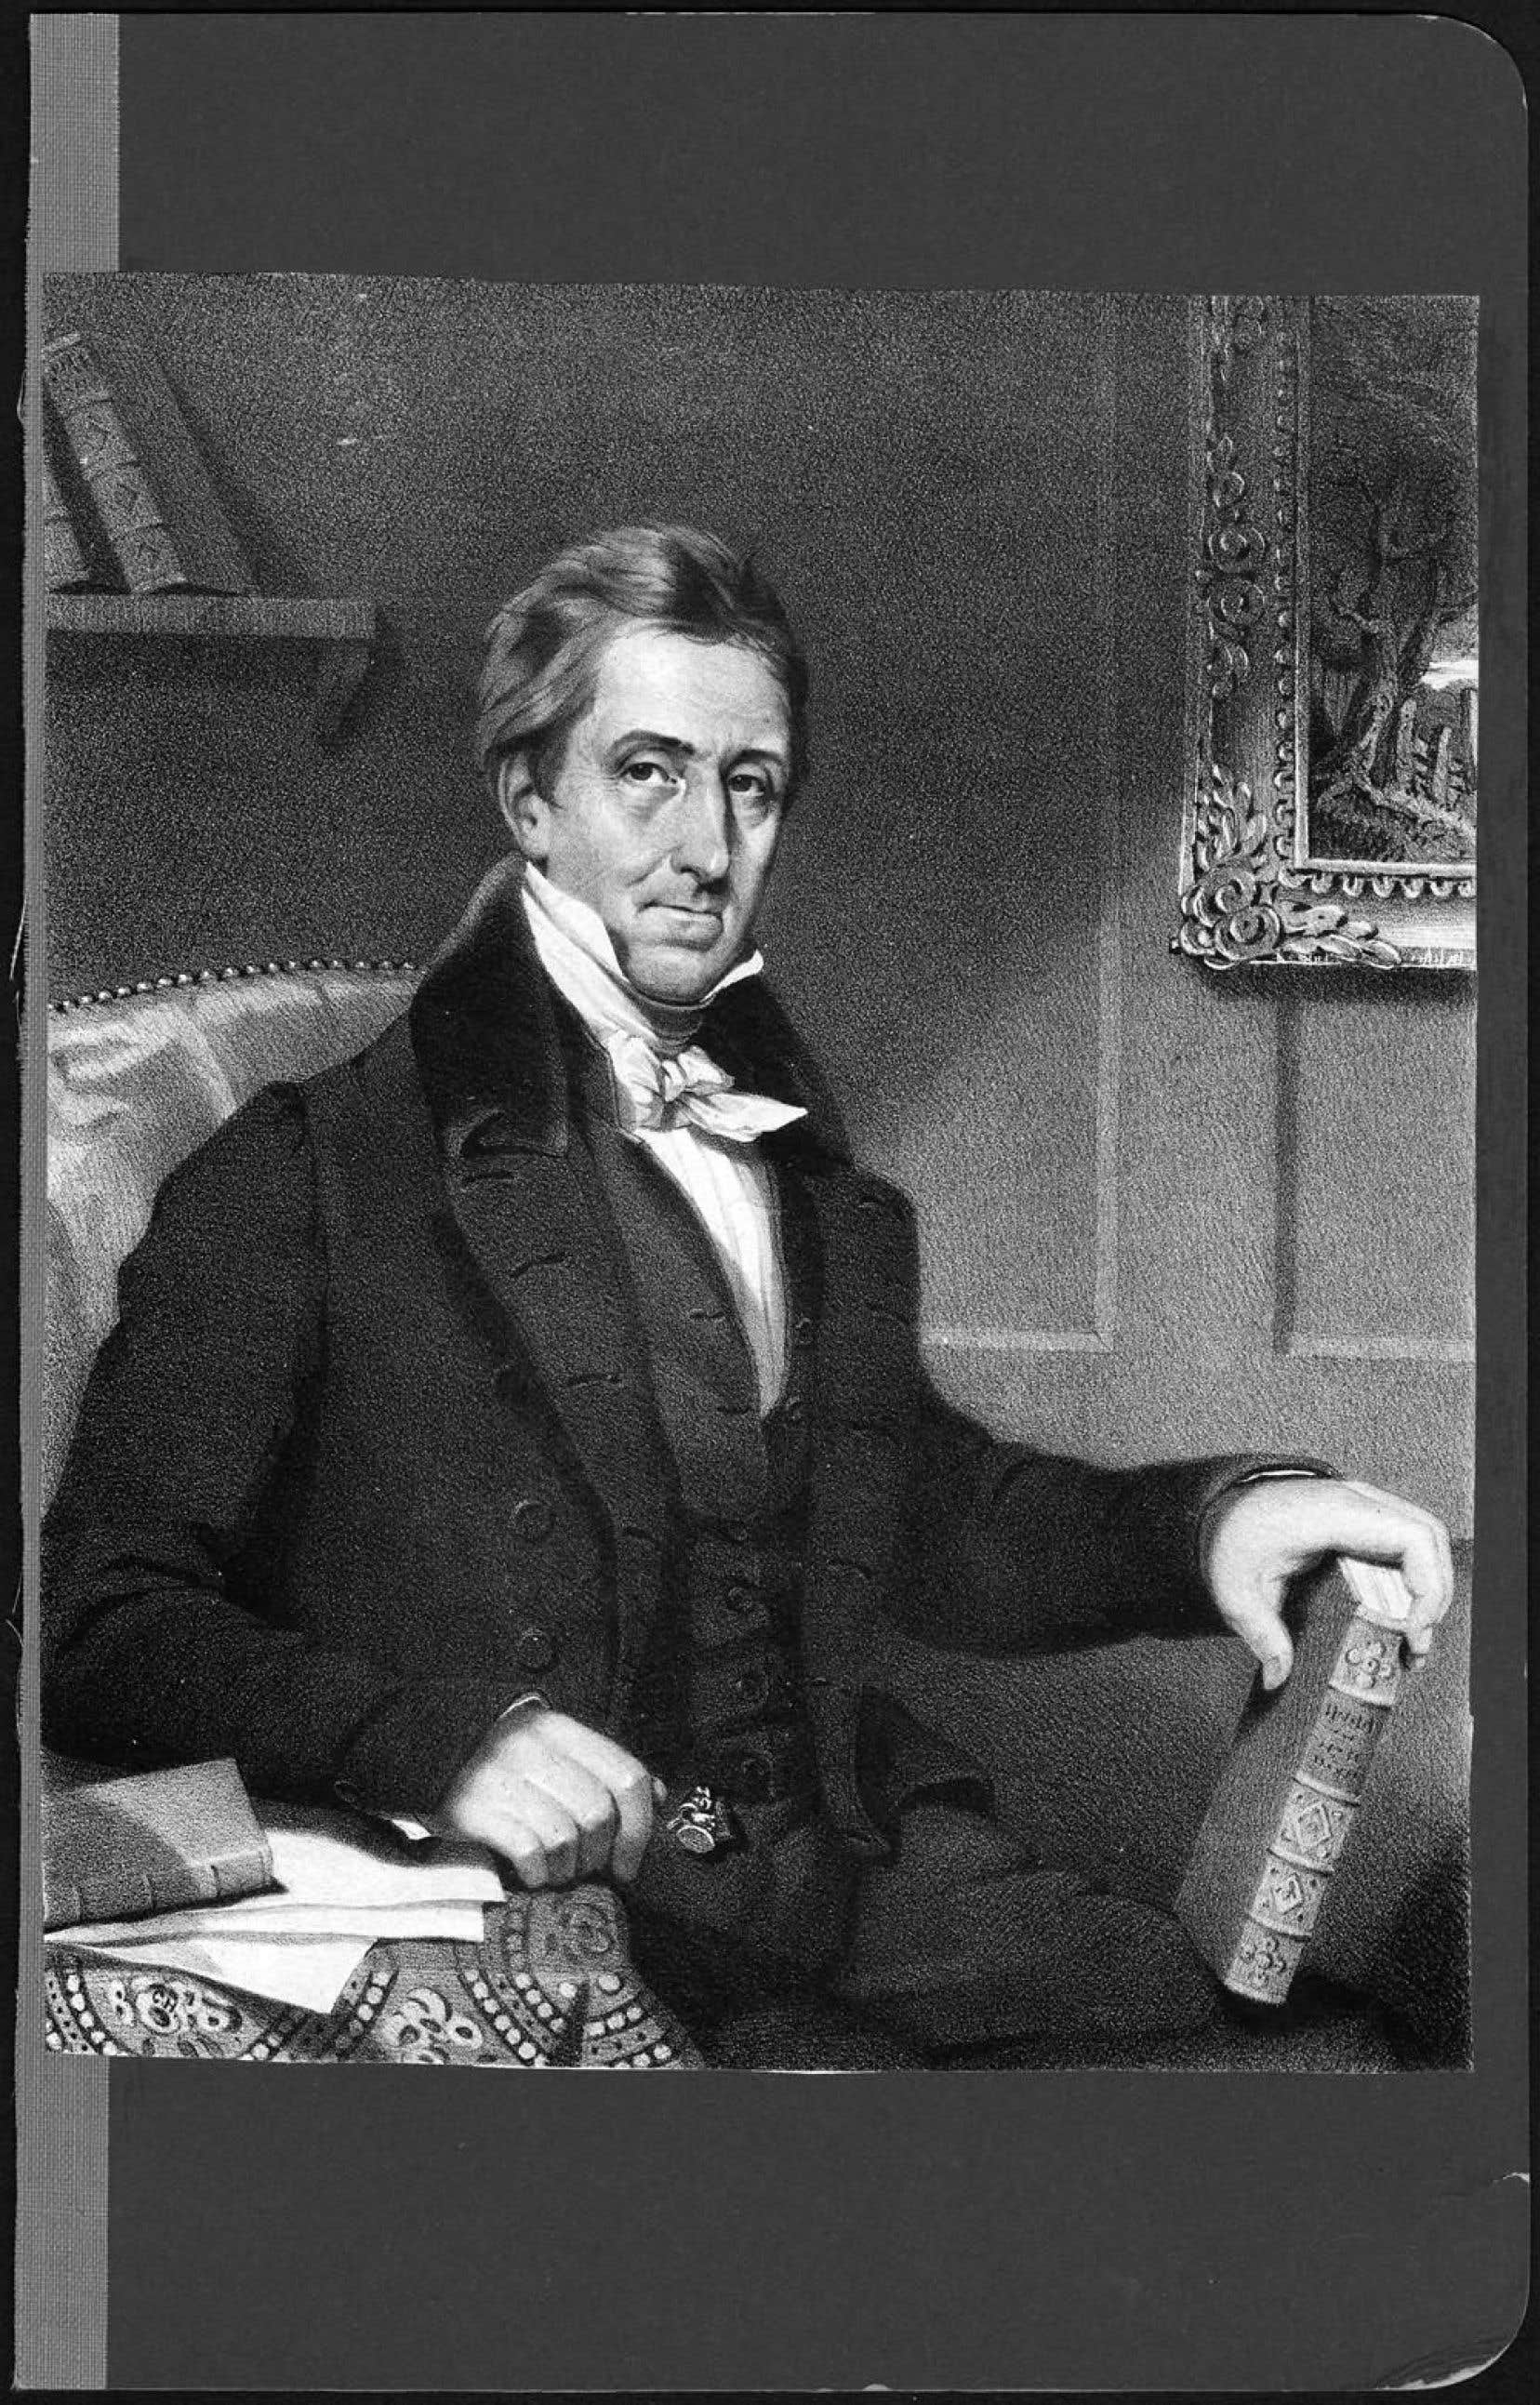 Le portrait daté de 1832 du journaliste montréalais Denis-Benjamin Viger